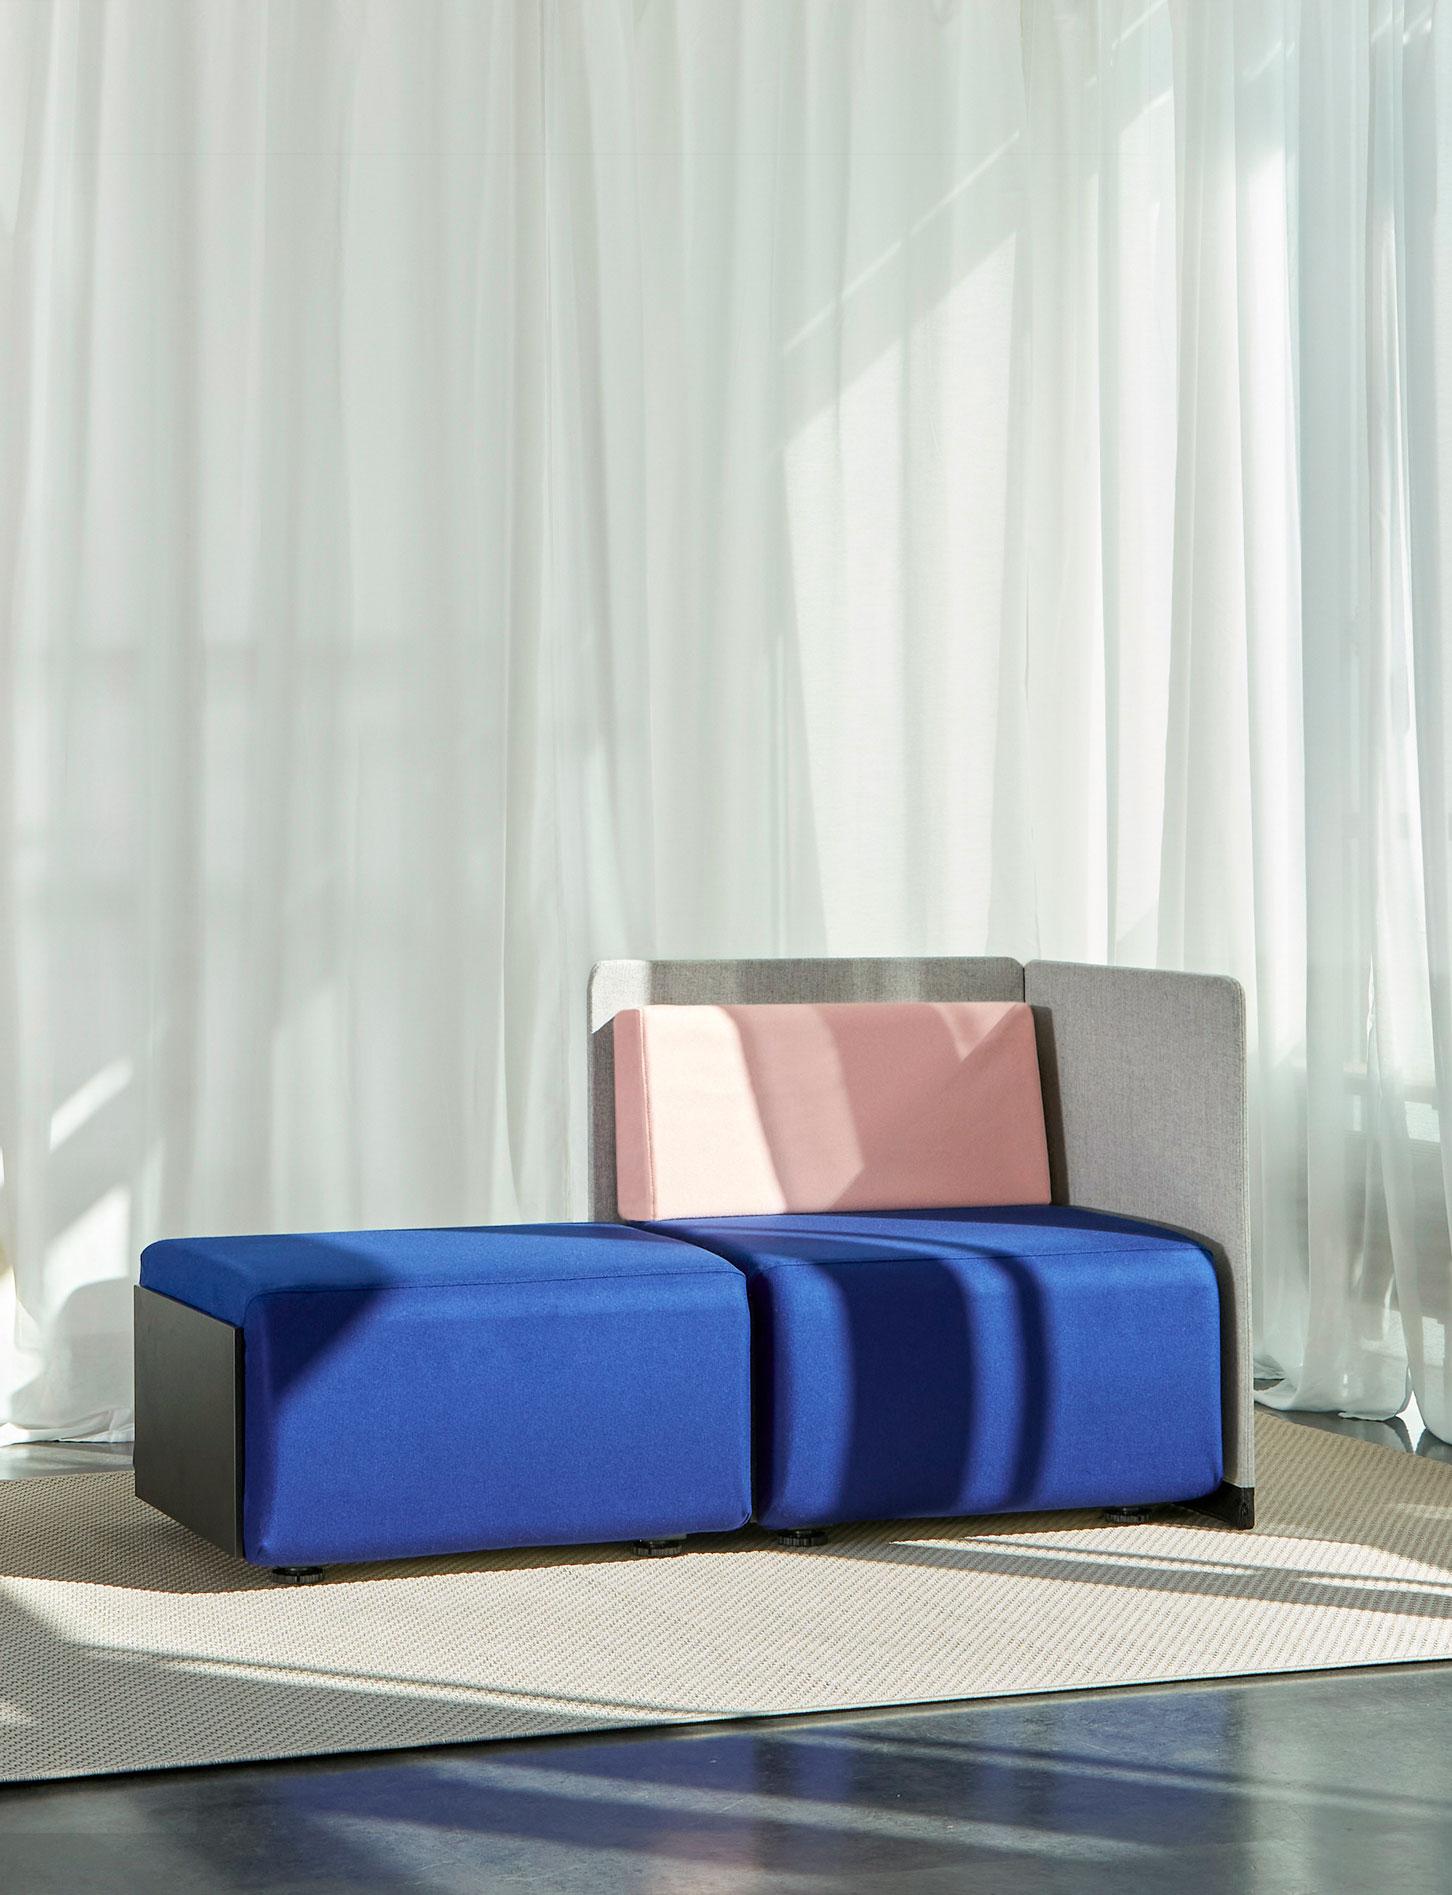 Flexibles Sitz- und Zonierungssystem für offene Räume von Vario